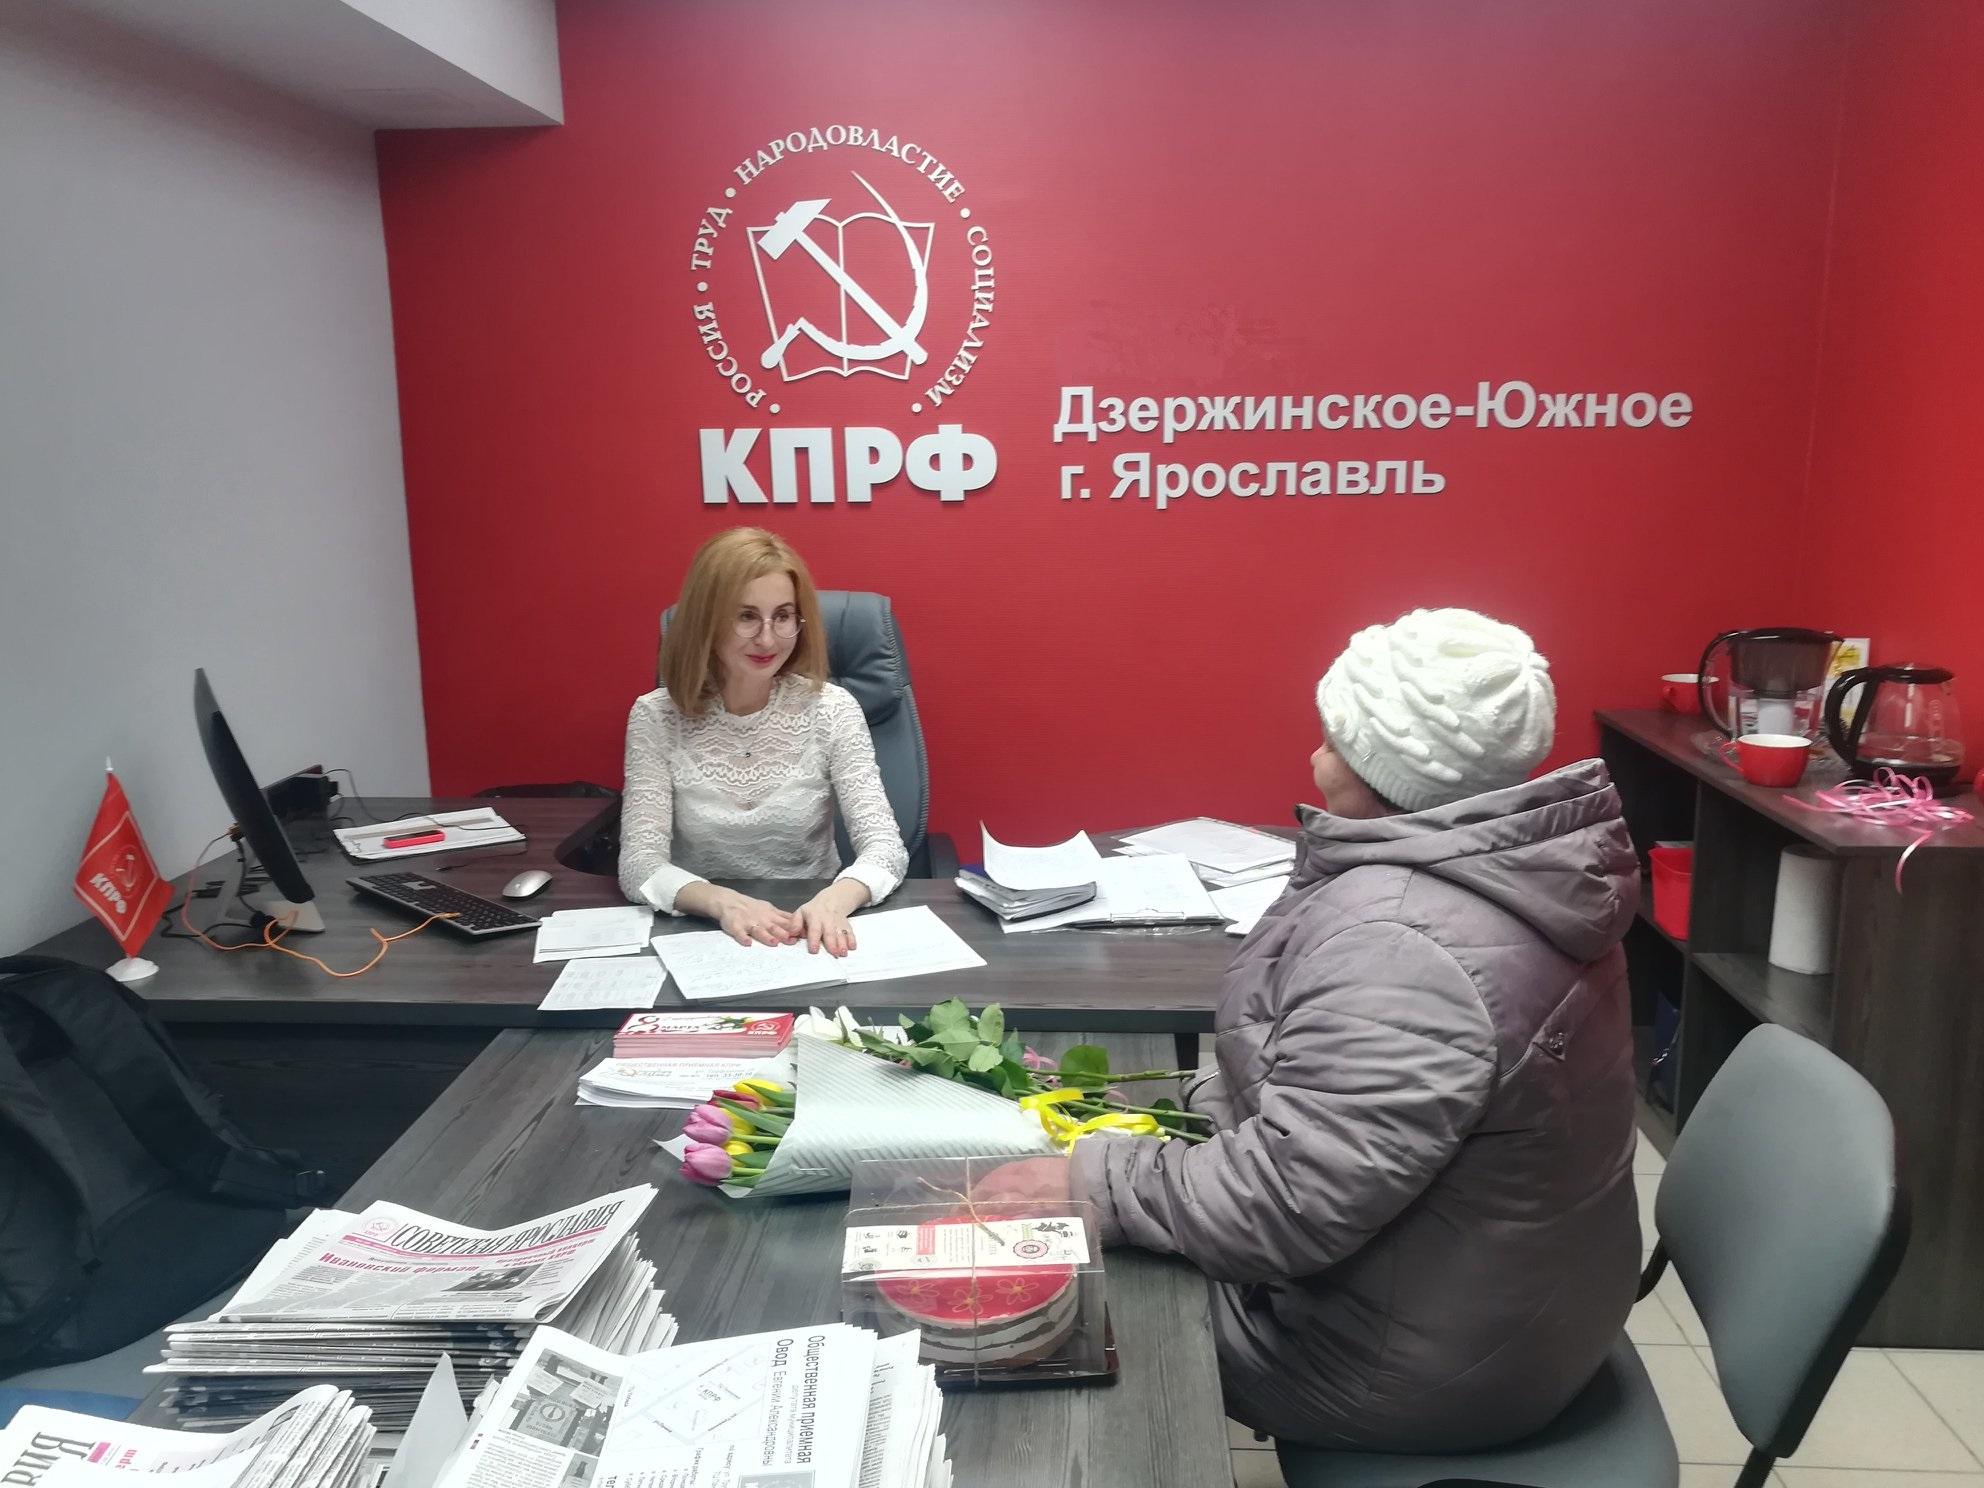 В Дзержинском районе начала работу приемная депутата КПРФ в муниципалитете Ярославля Евгении Овод